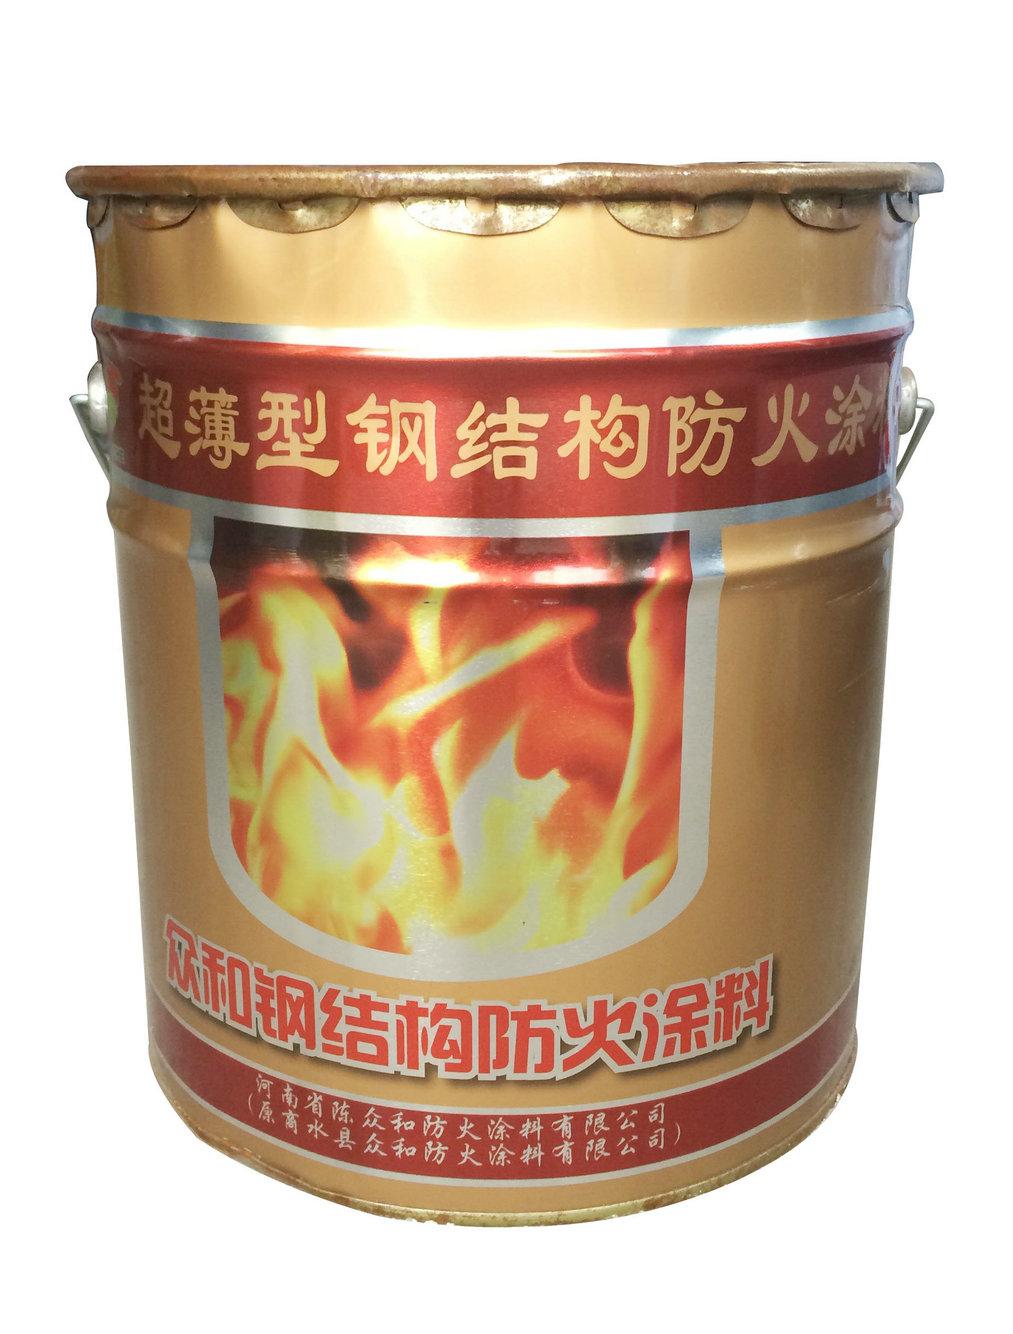 众和钢结构防火涂料 成都三峡油漆,成都品牌油漆销售